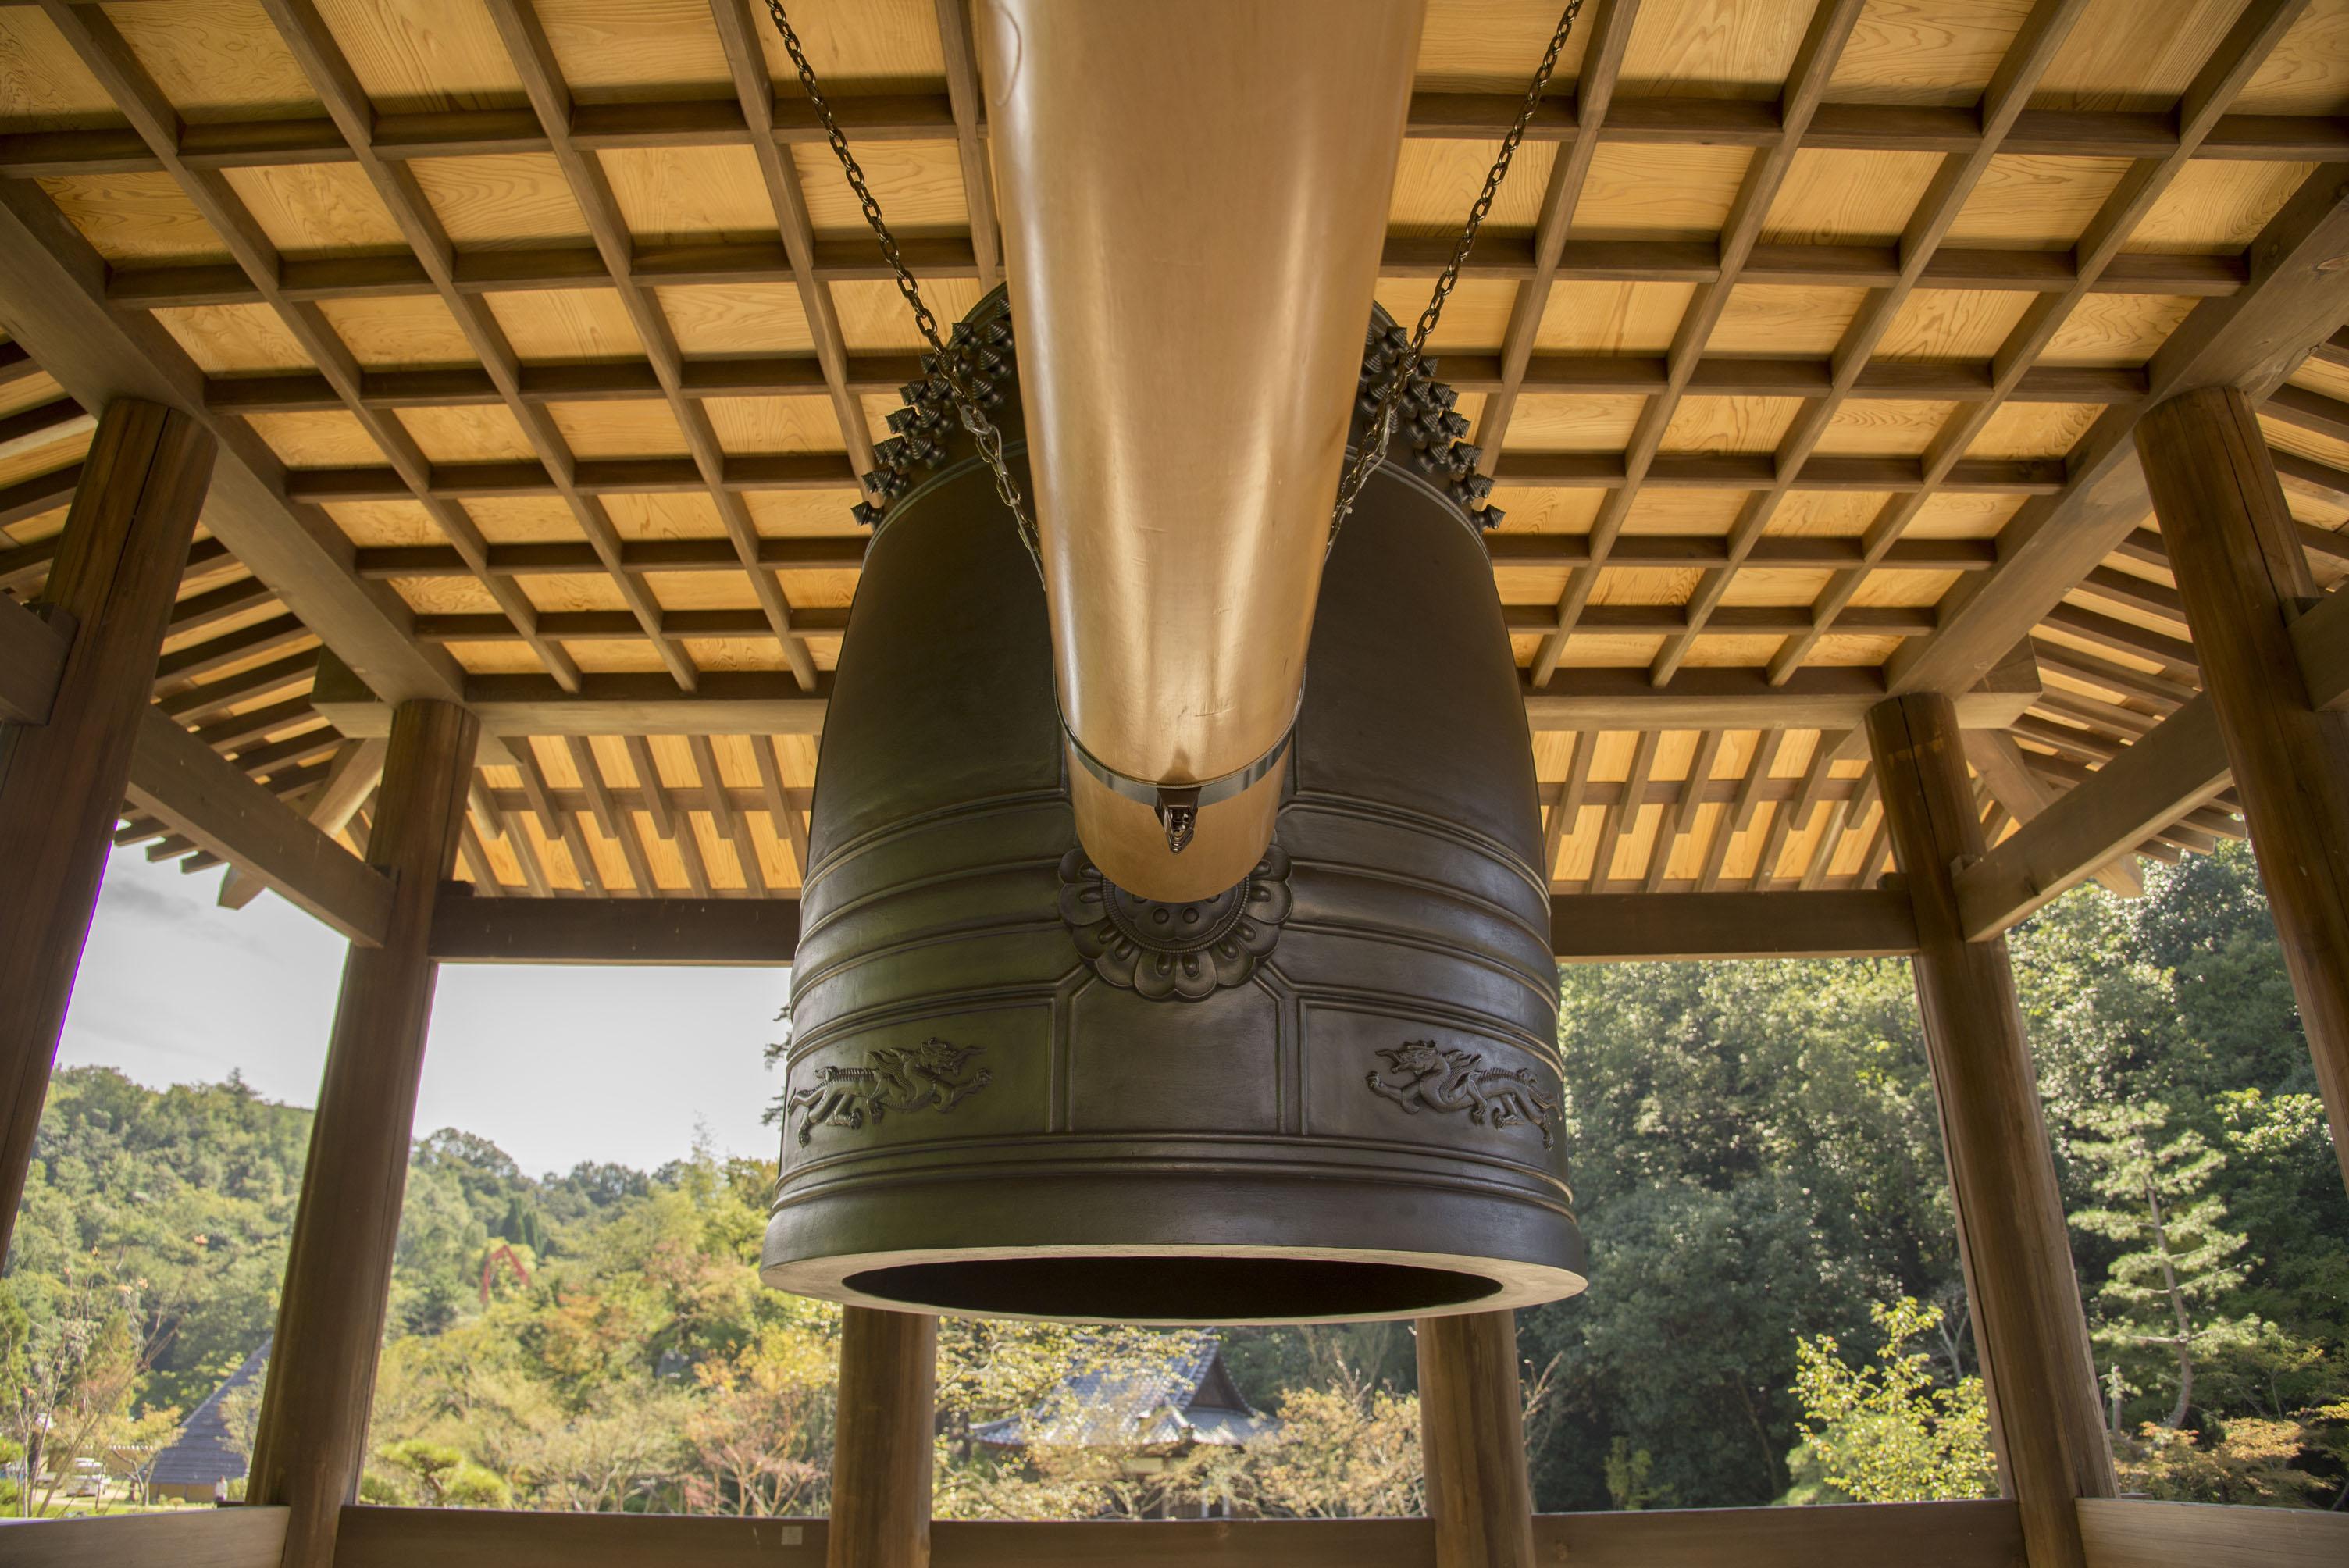 温泉納め・温泉初めは「神勝寺温泉 昭和の湯」で!神勝禅寺では大みそか拝観で年越しそば振る舞い・初詣のあとはあたたか~い天然温泉に